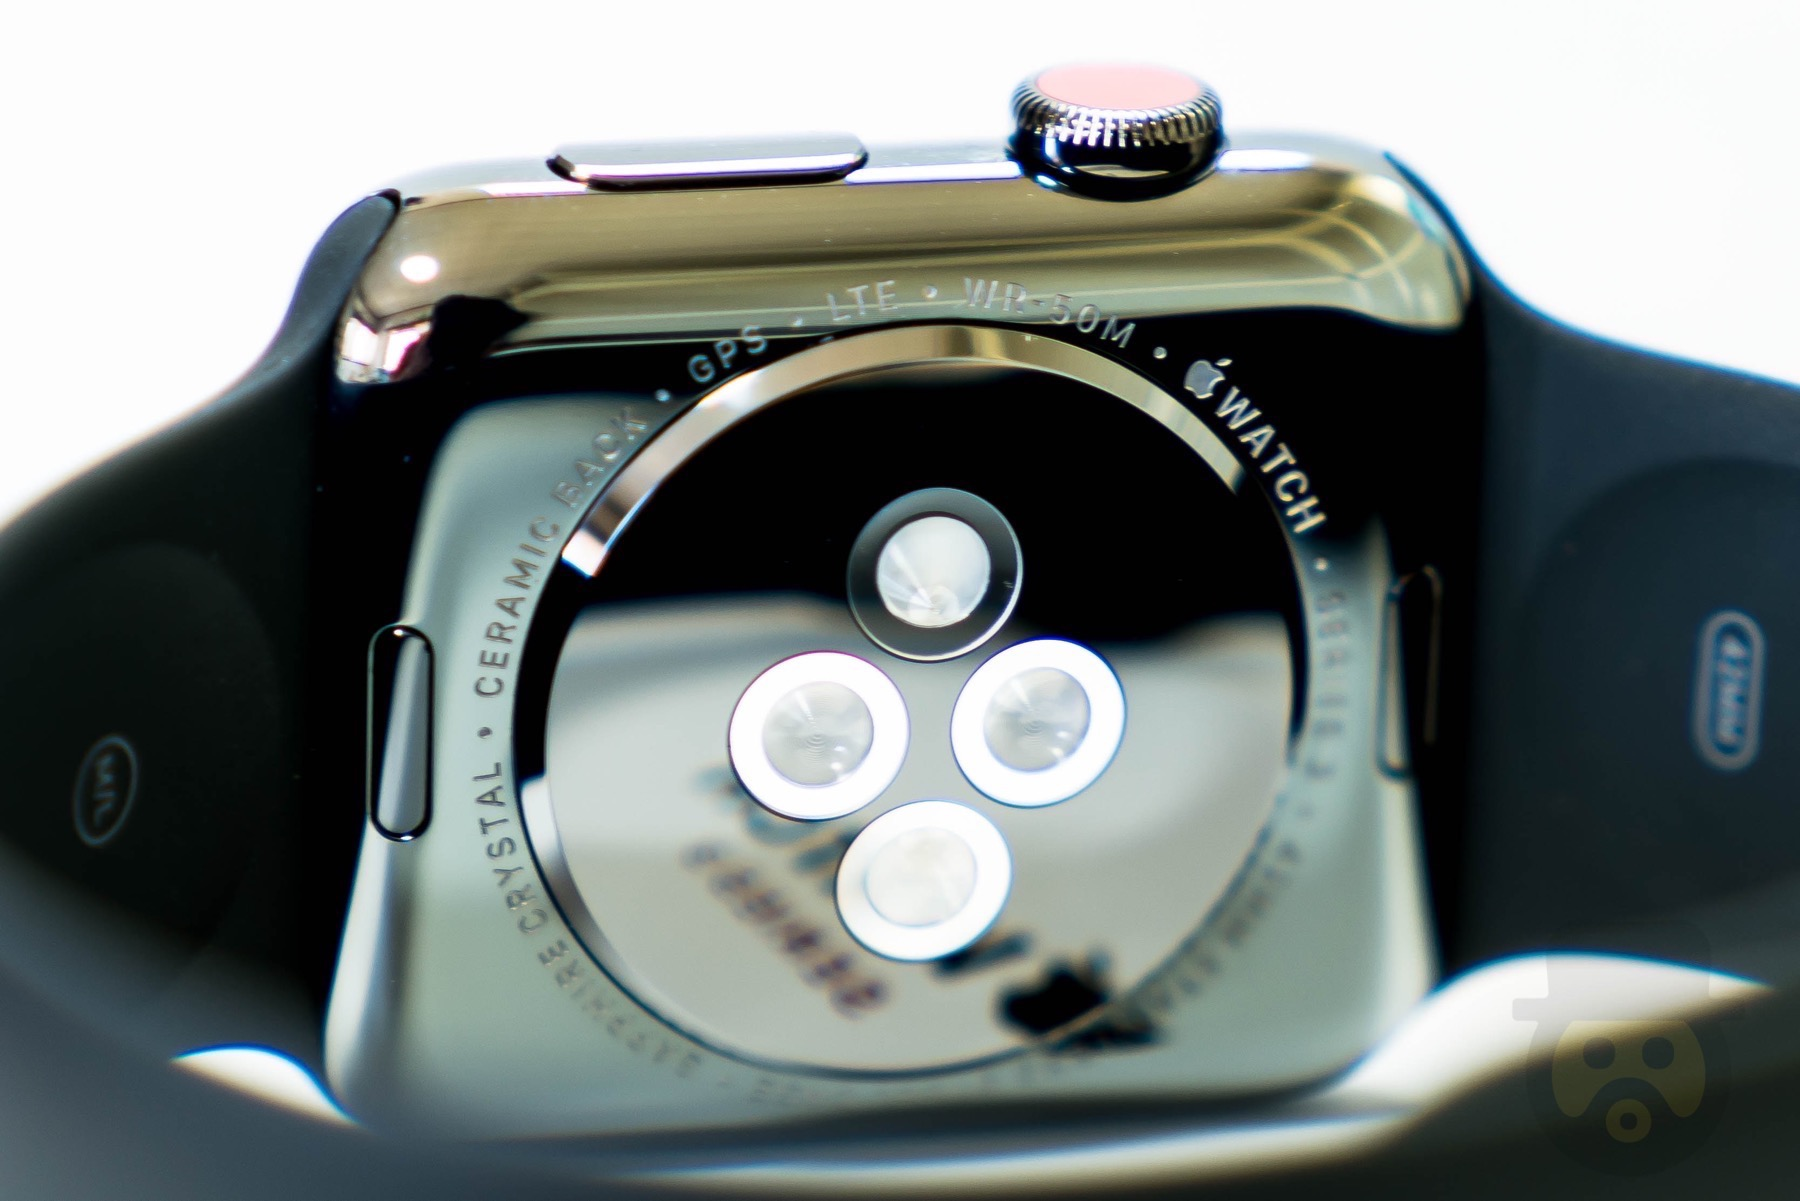 【レビュー】Apple Watch Series 3 スペースブラックステンレススチールケース開封!美しさを極めた最高の仕上がり